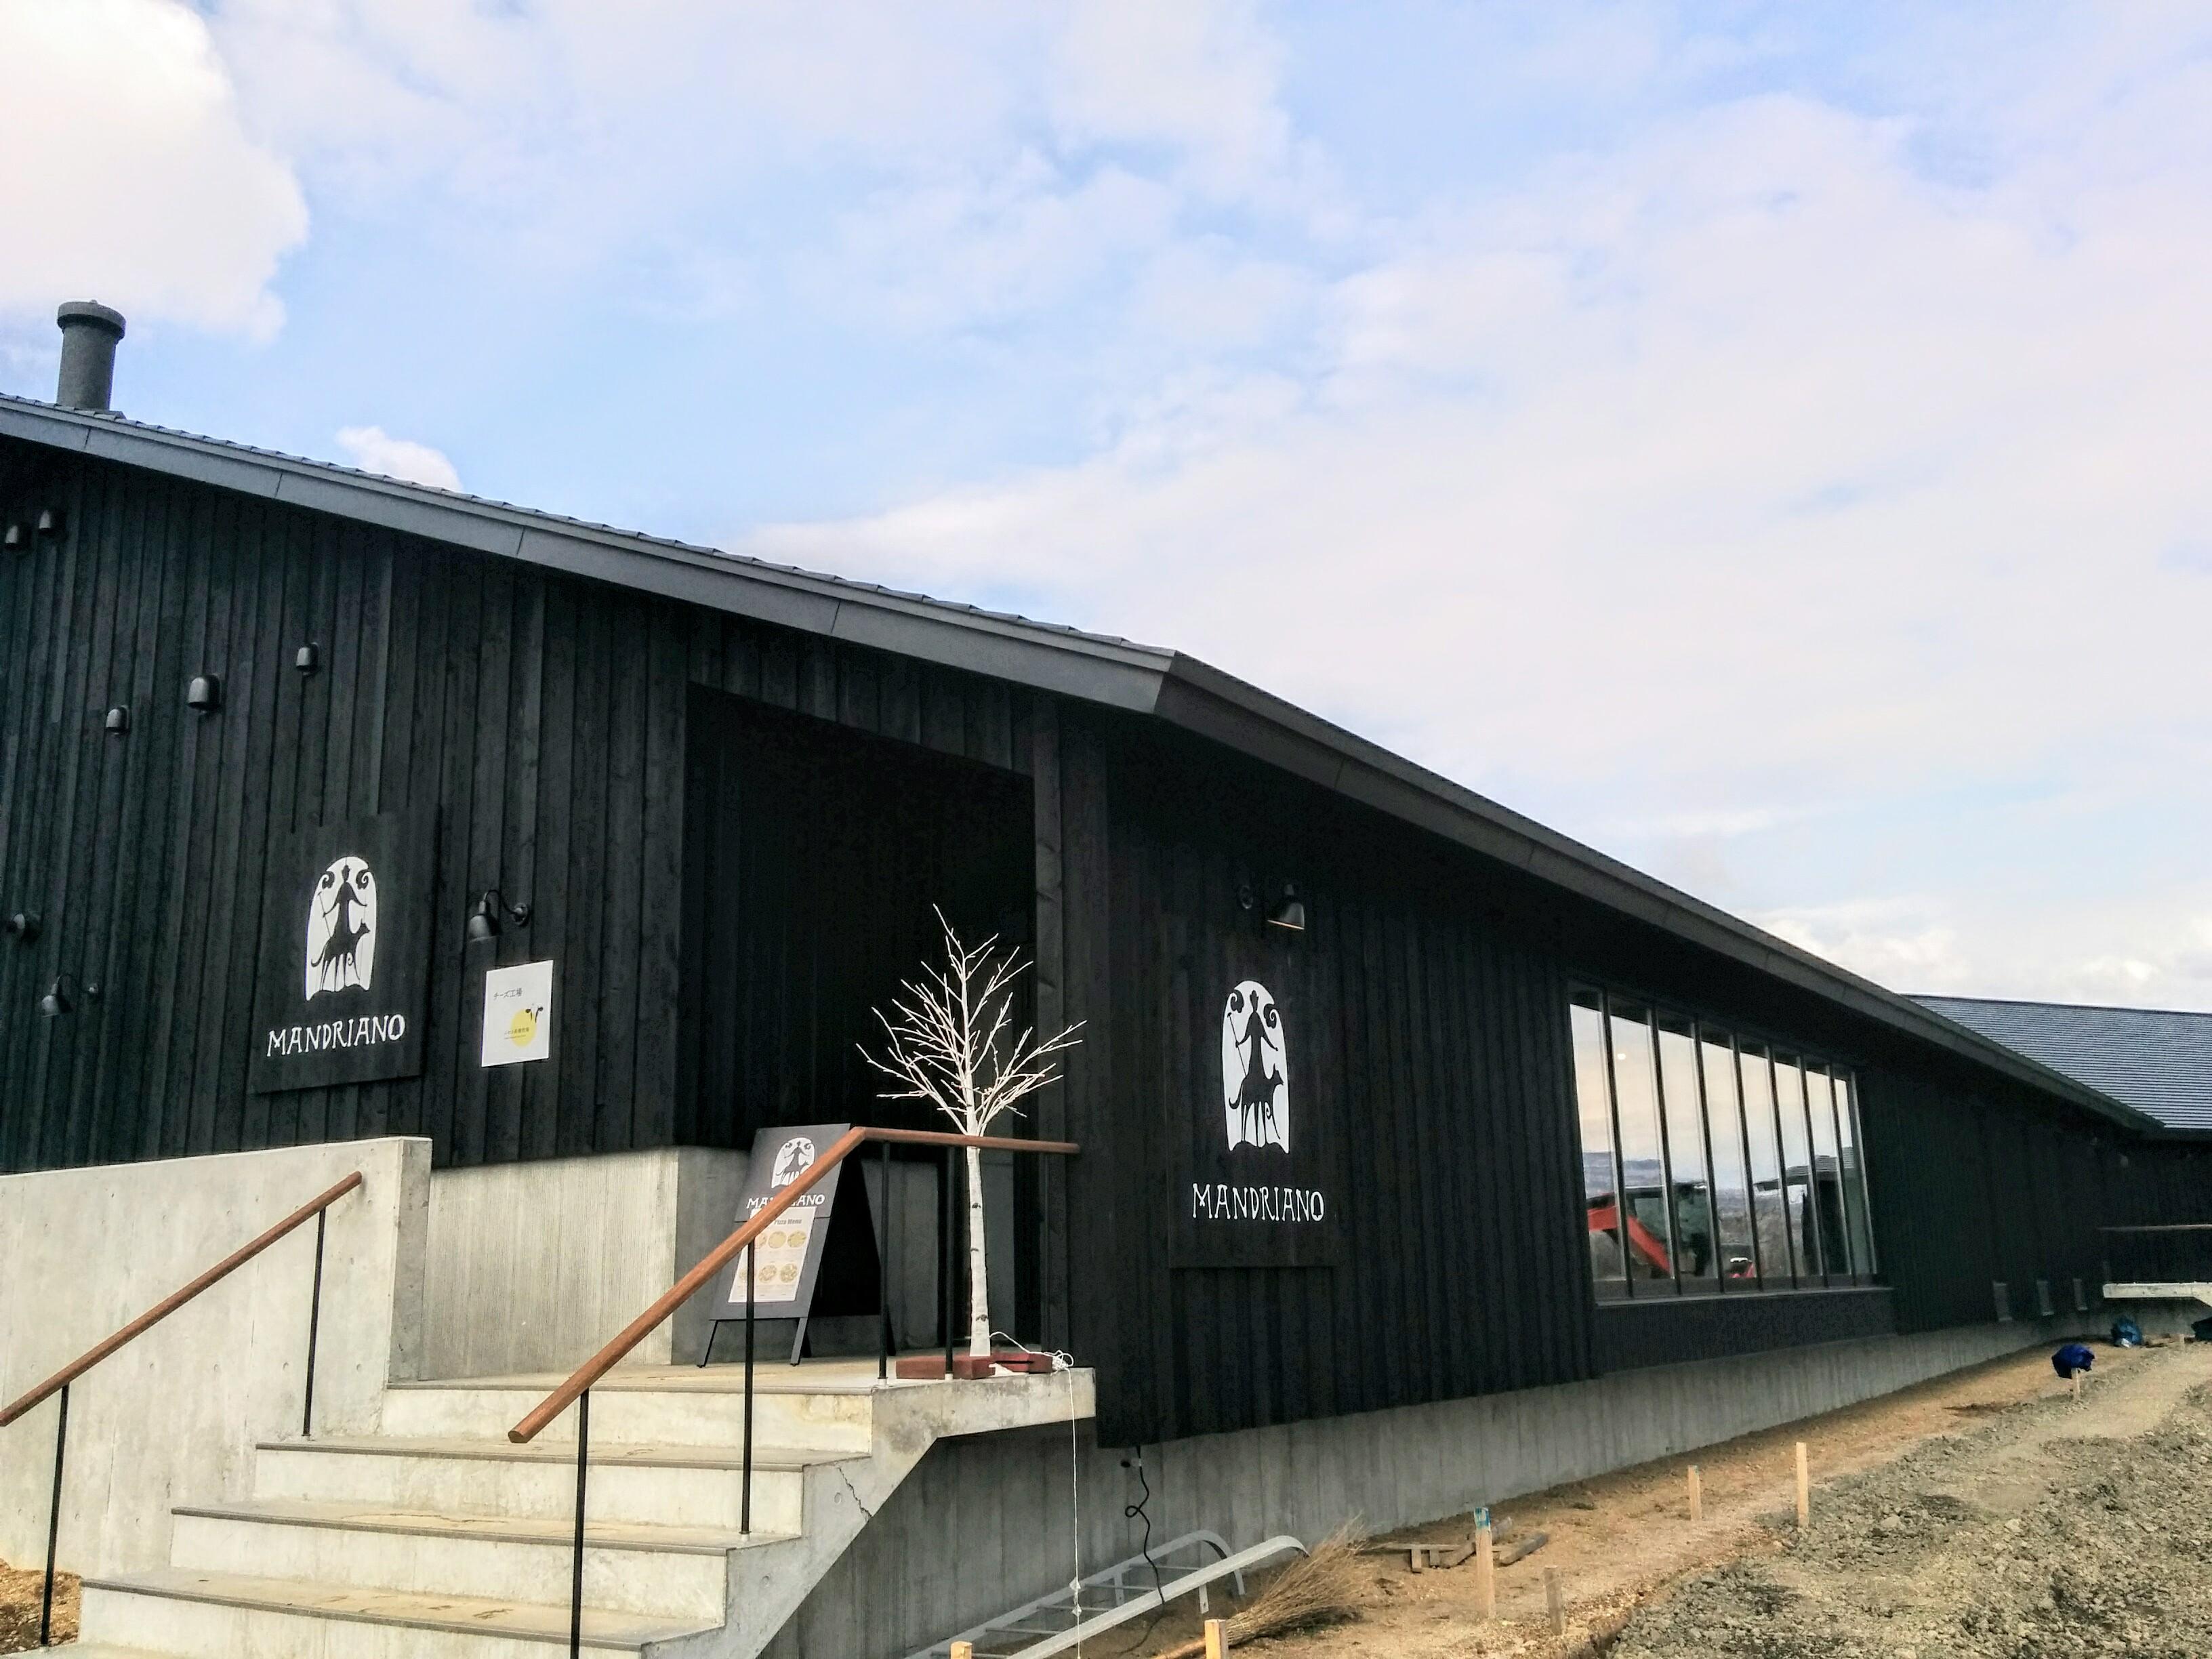 【ニセコ】高橋牧場チーズ工場とマンドリアーノ観光グルメ案内です。